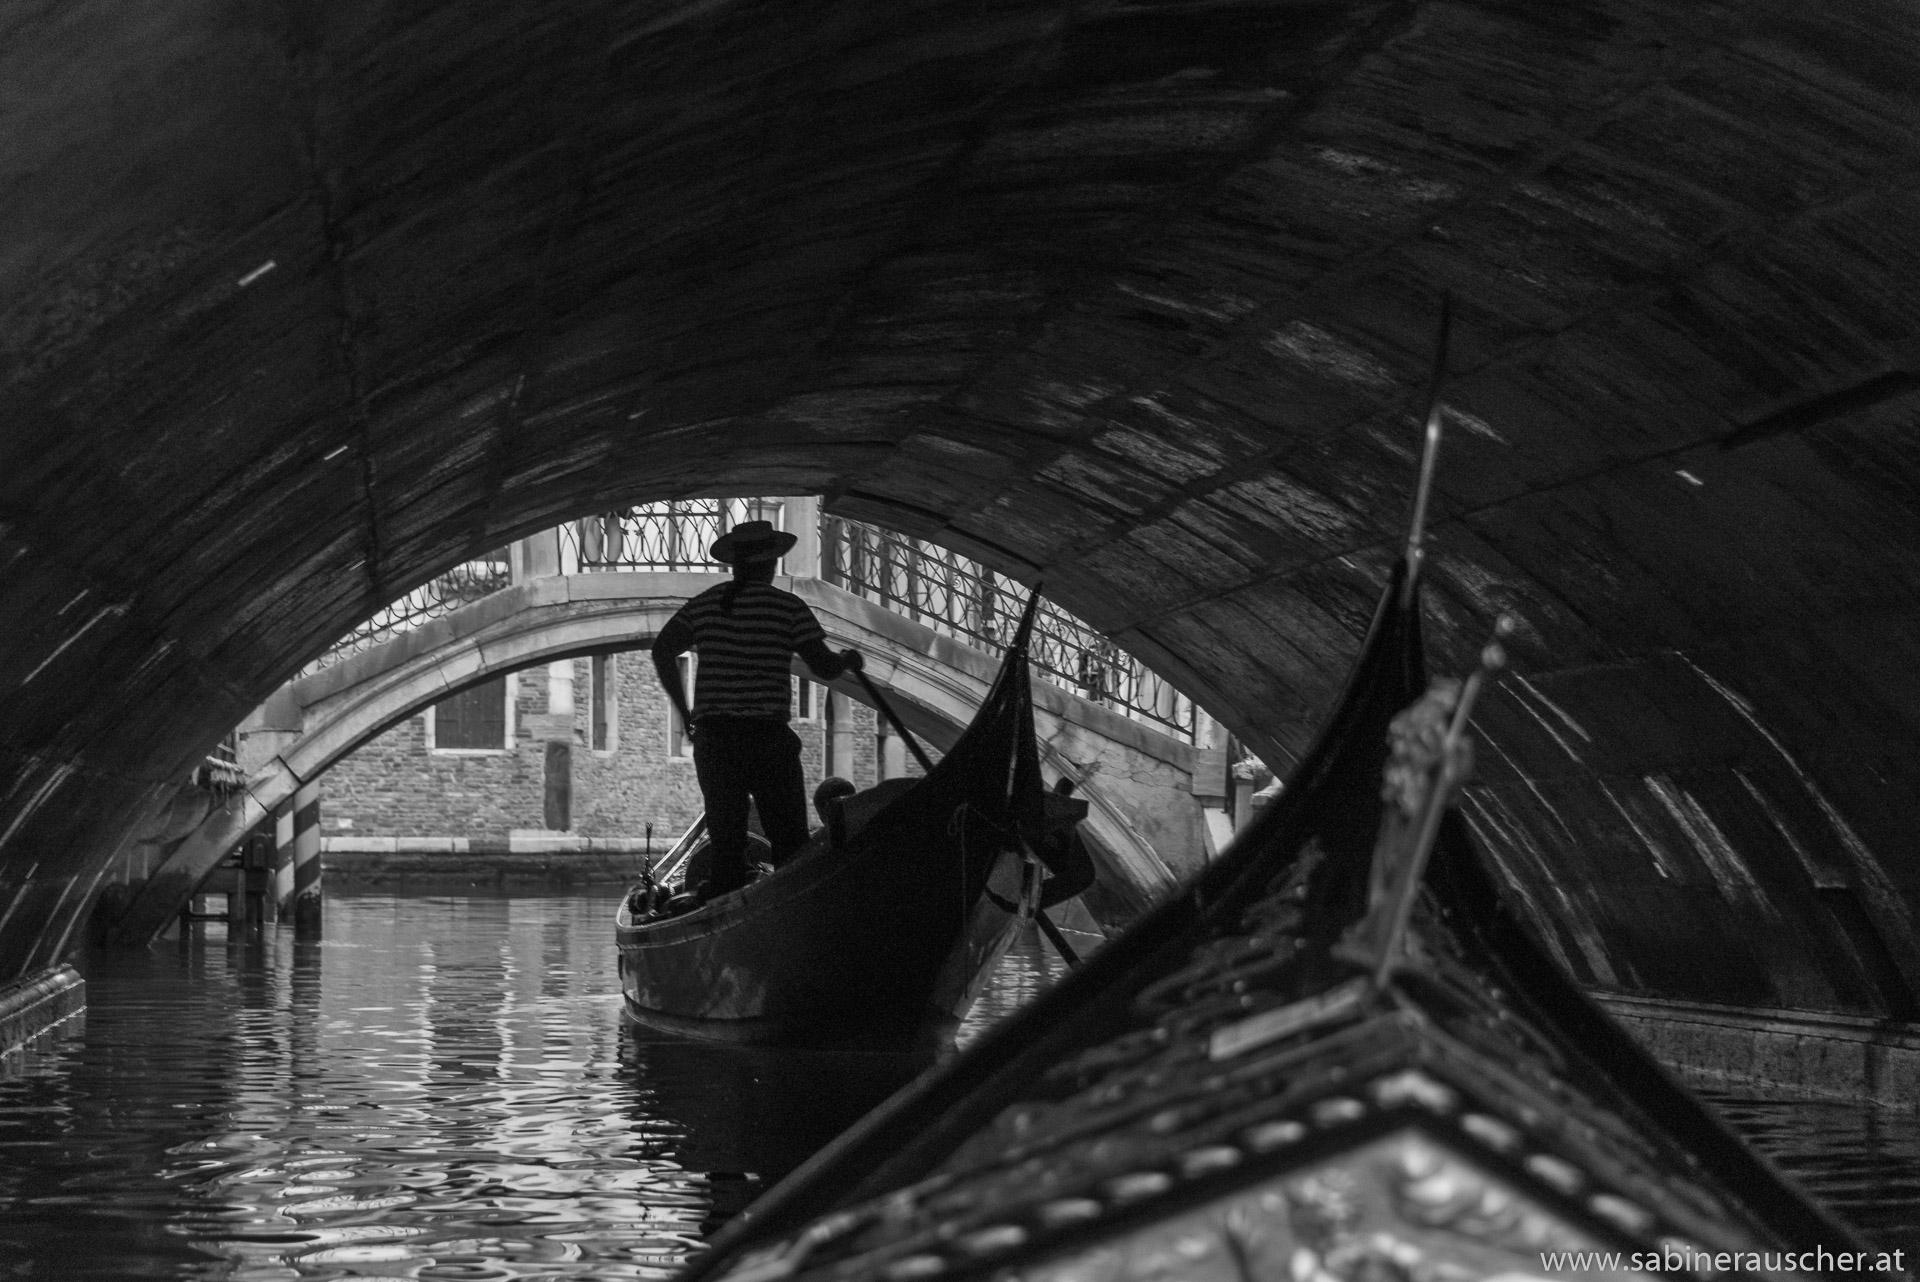 Venice - a gondolier at work|Venedig - Gondoliere bei der Arbeit